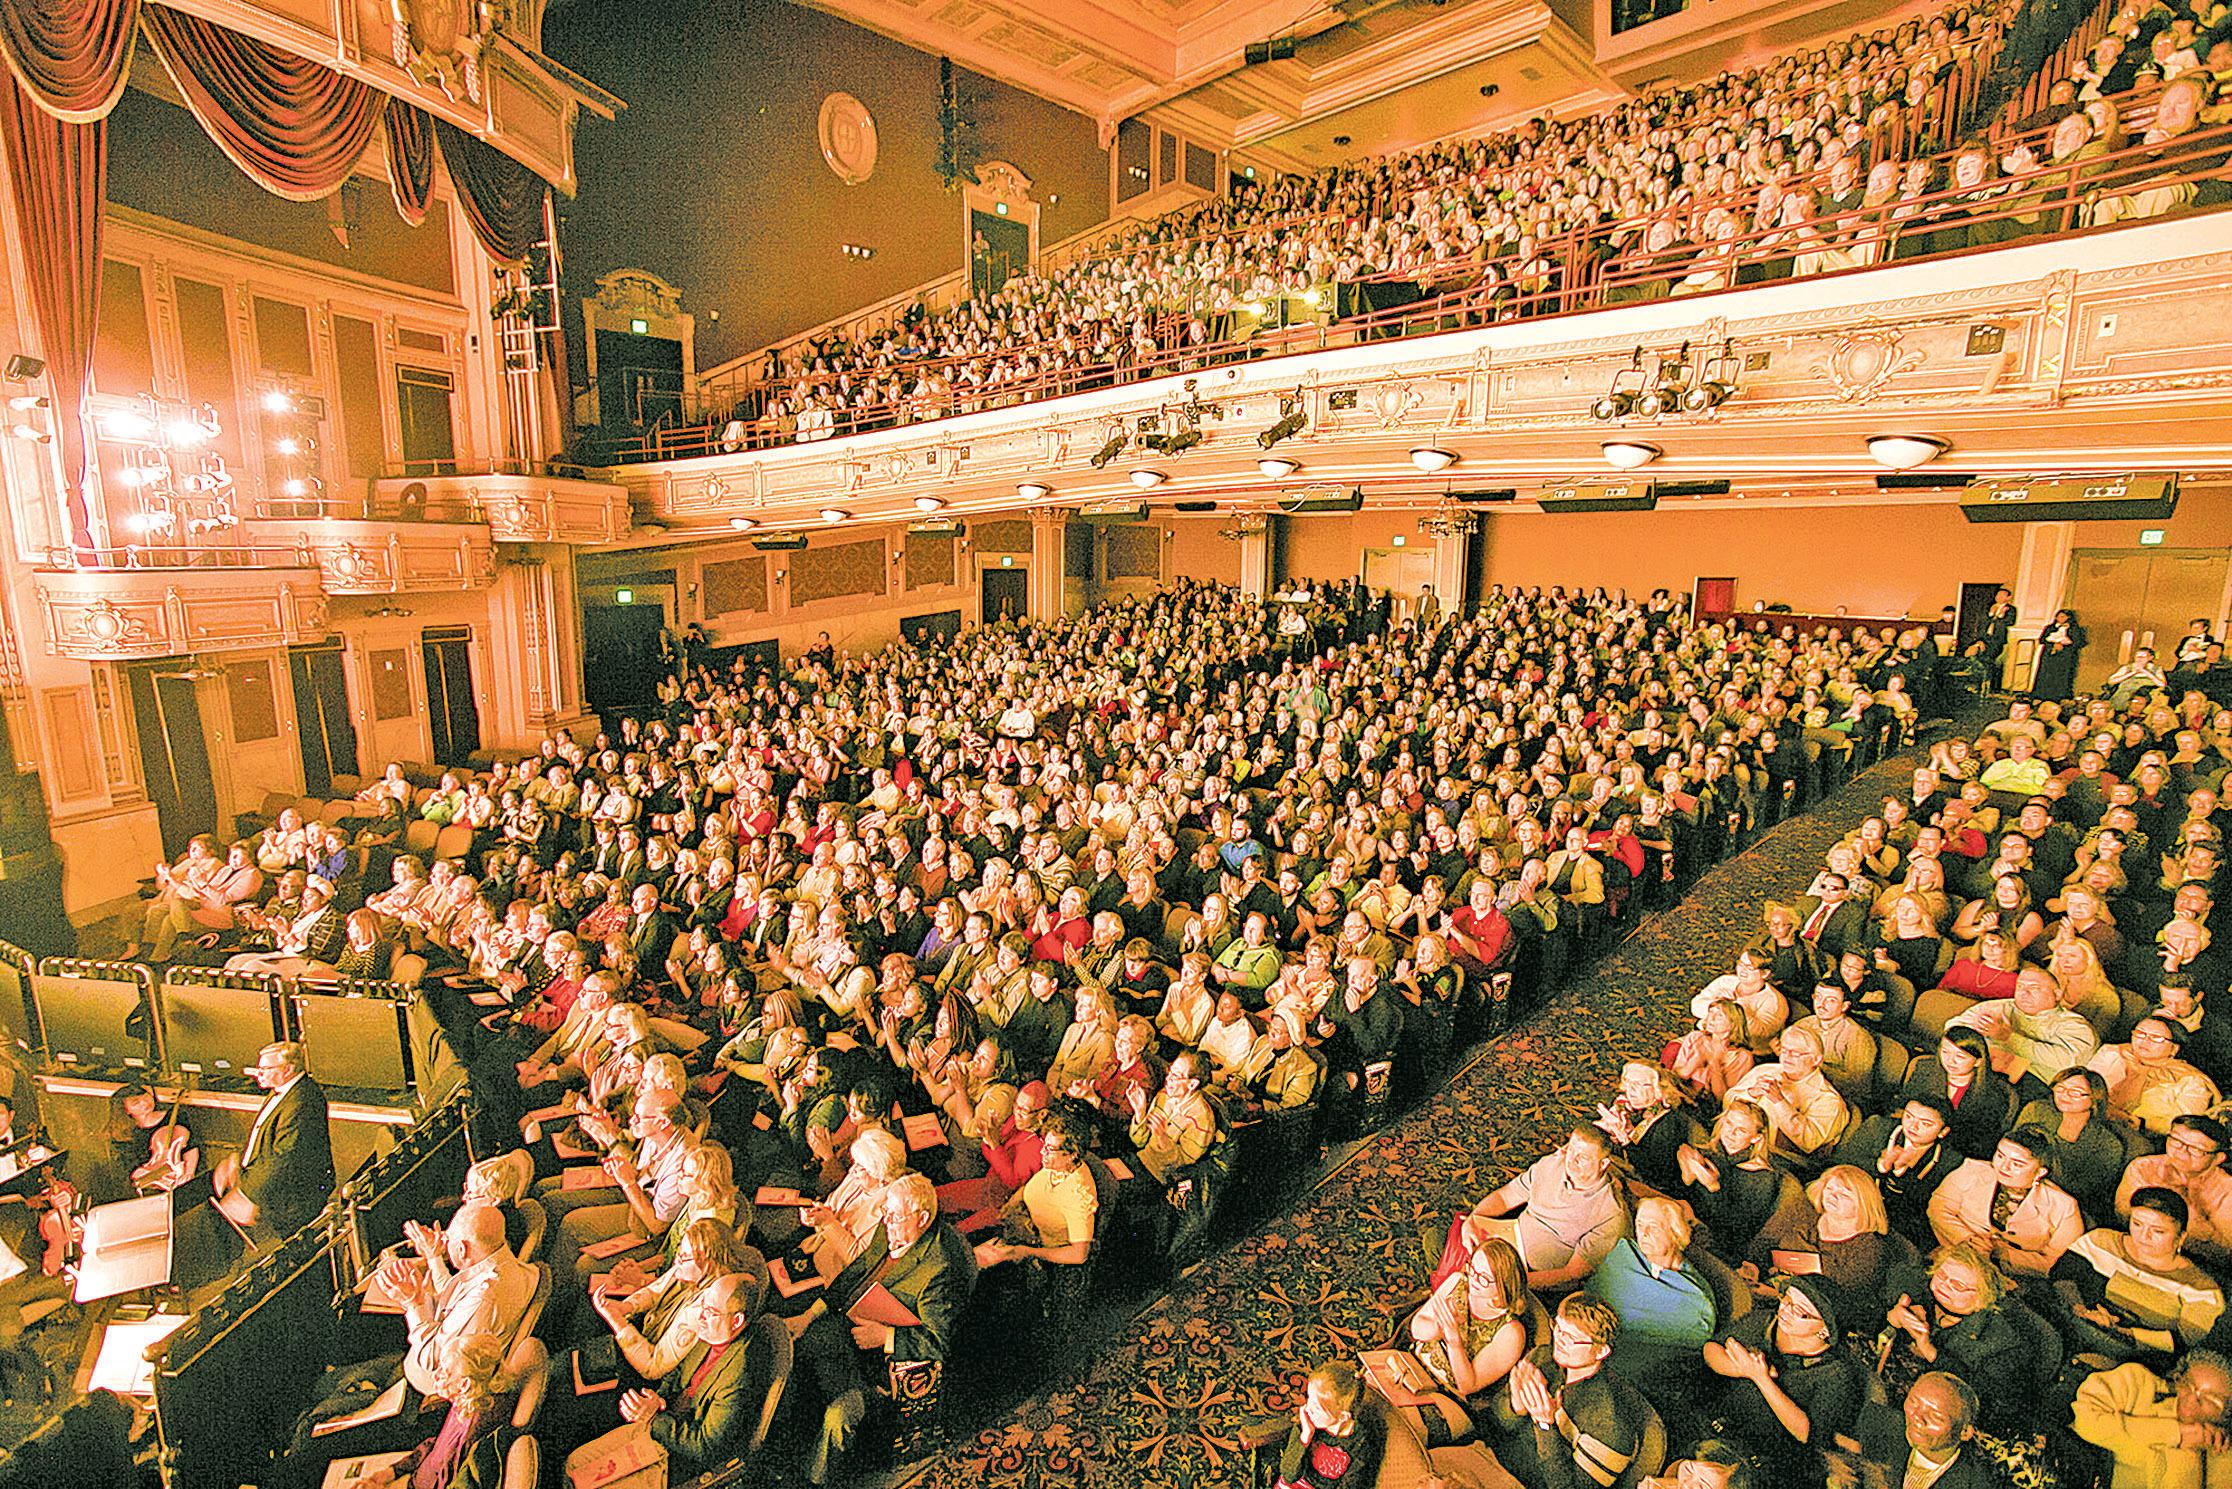 神韻巴爾的摩兩場售罄 「所有人都有收穫」